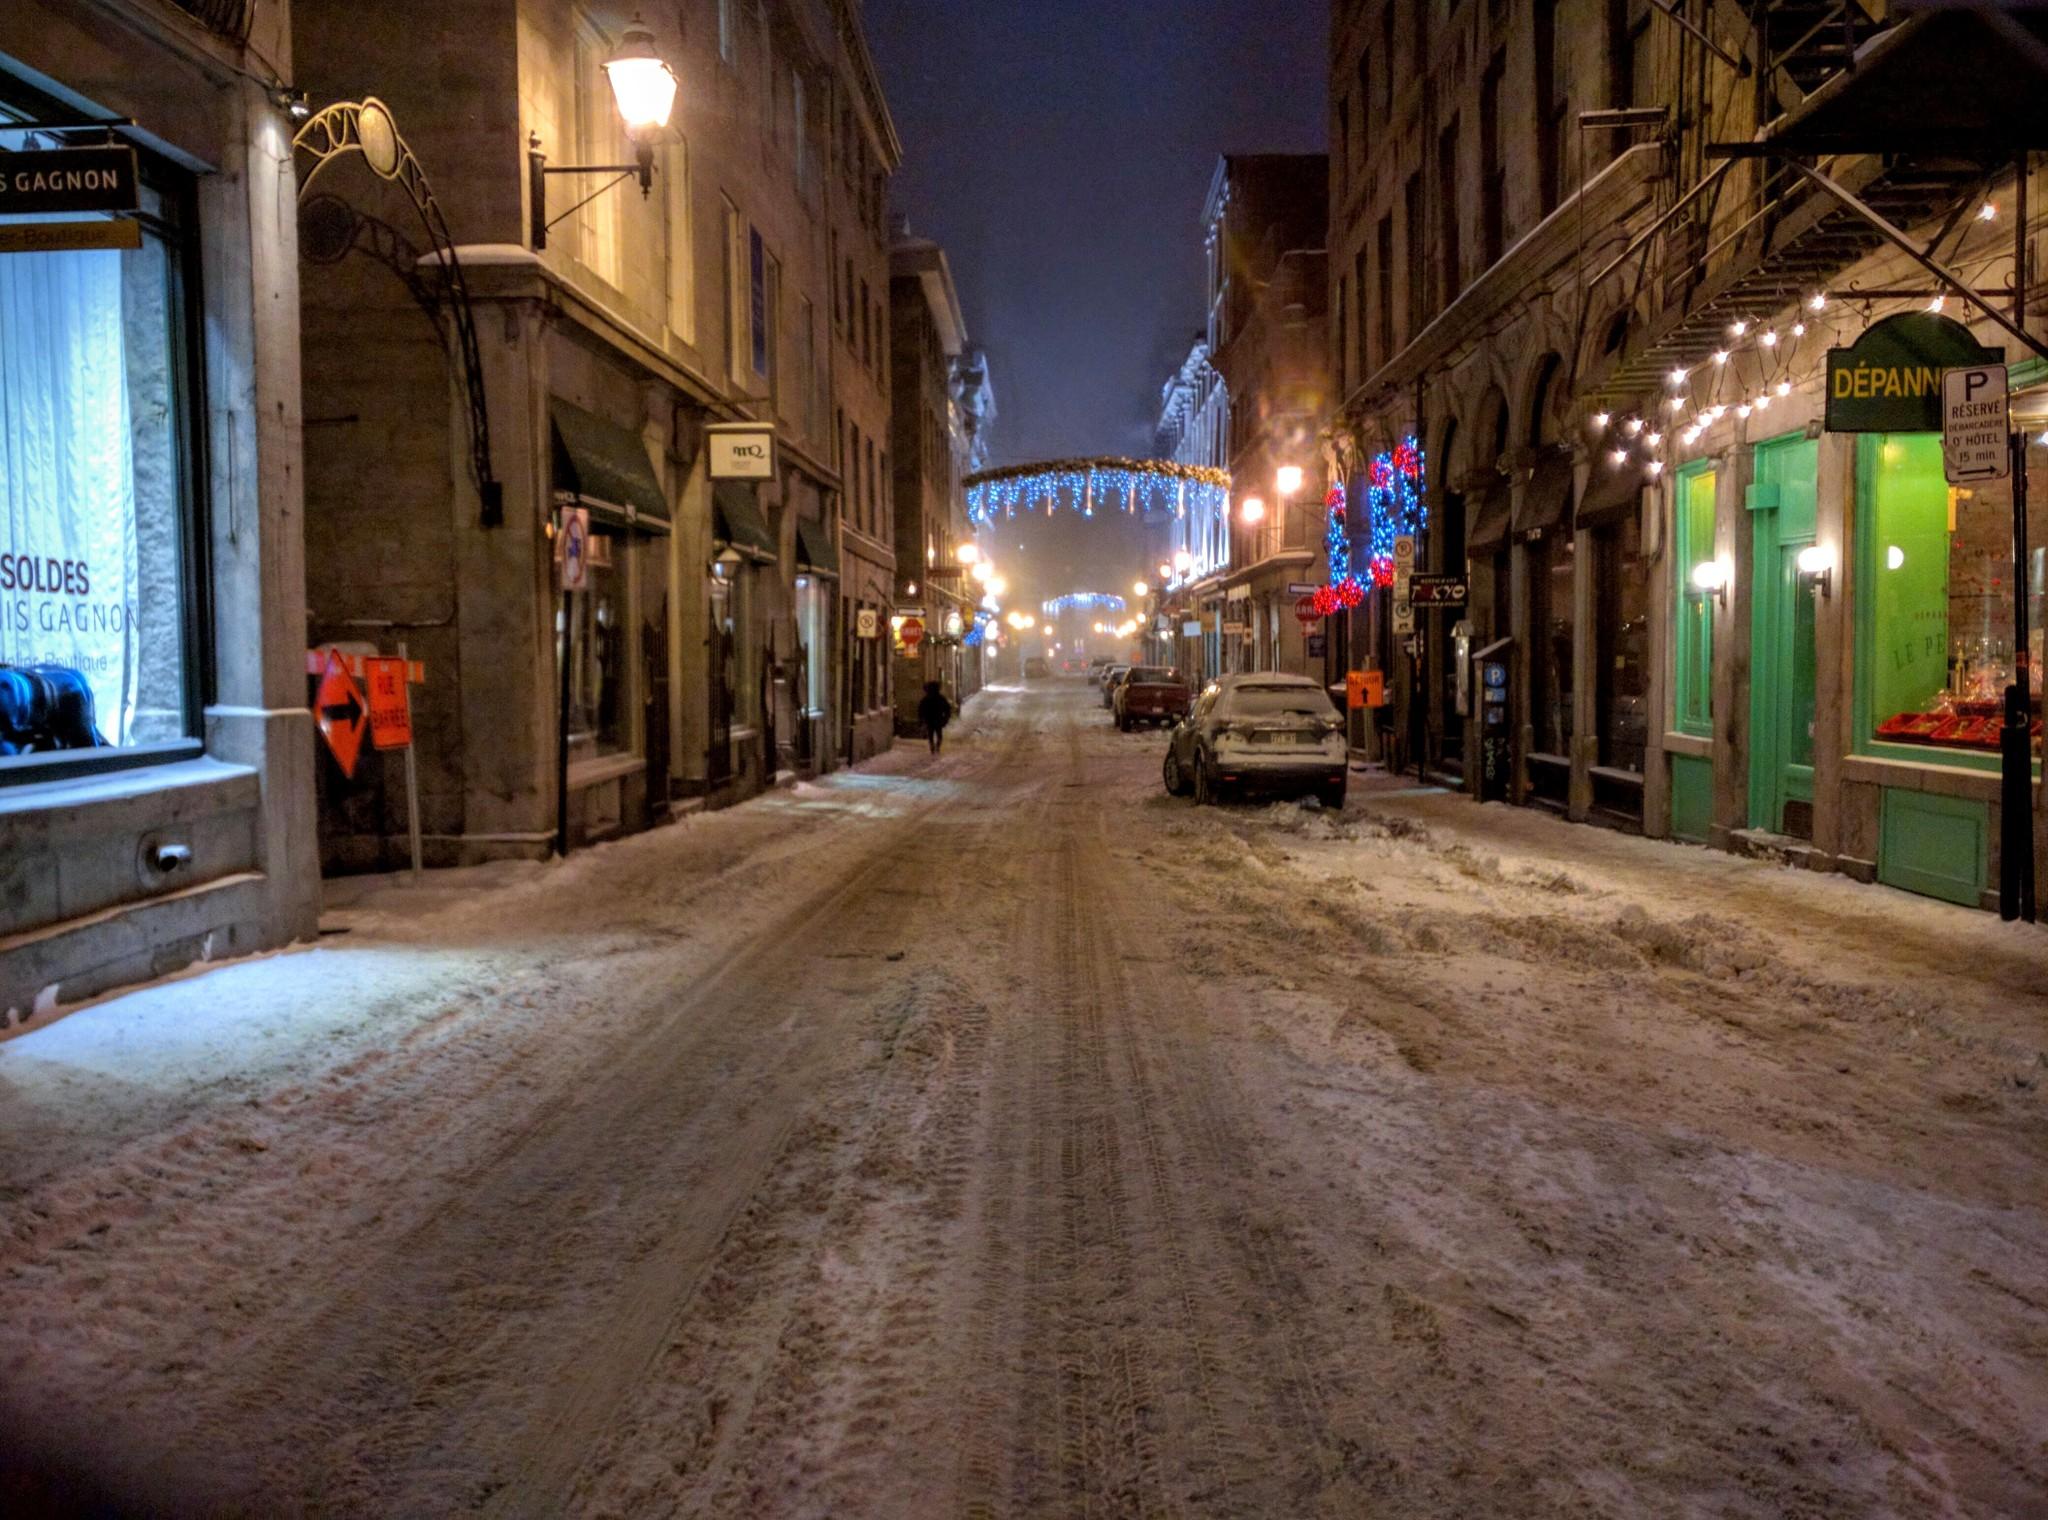 Strada innevata nella vecchia Montreal, regione del Quebec, Canada